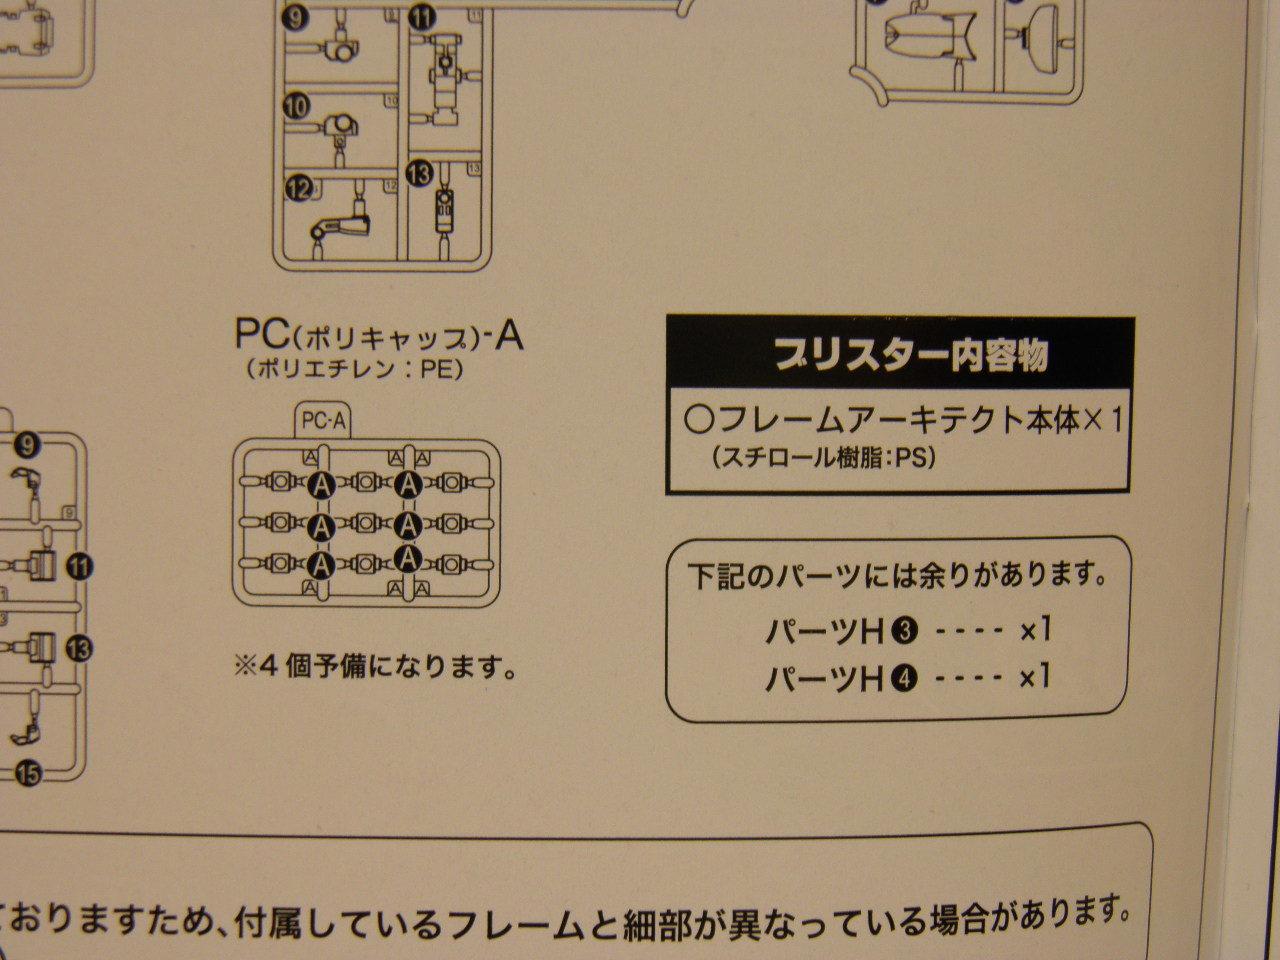 PA310377.jpg